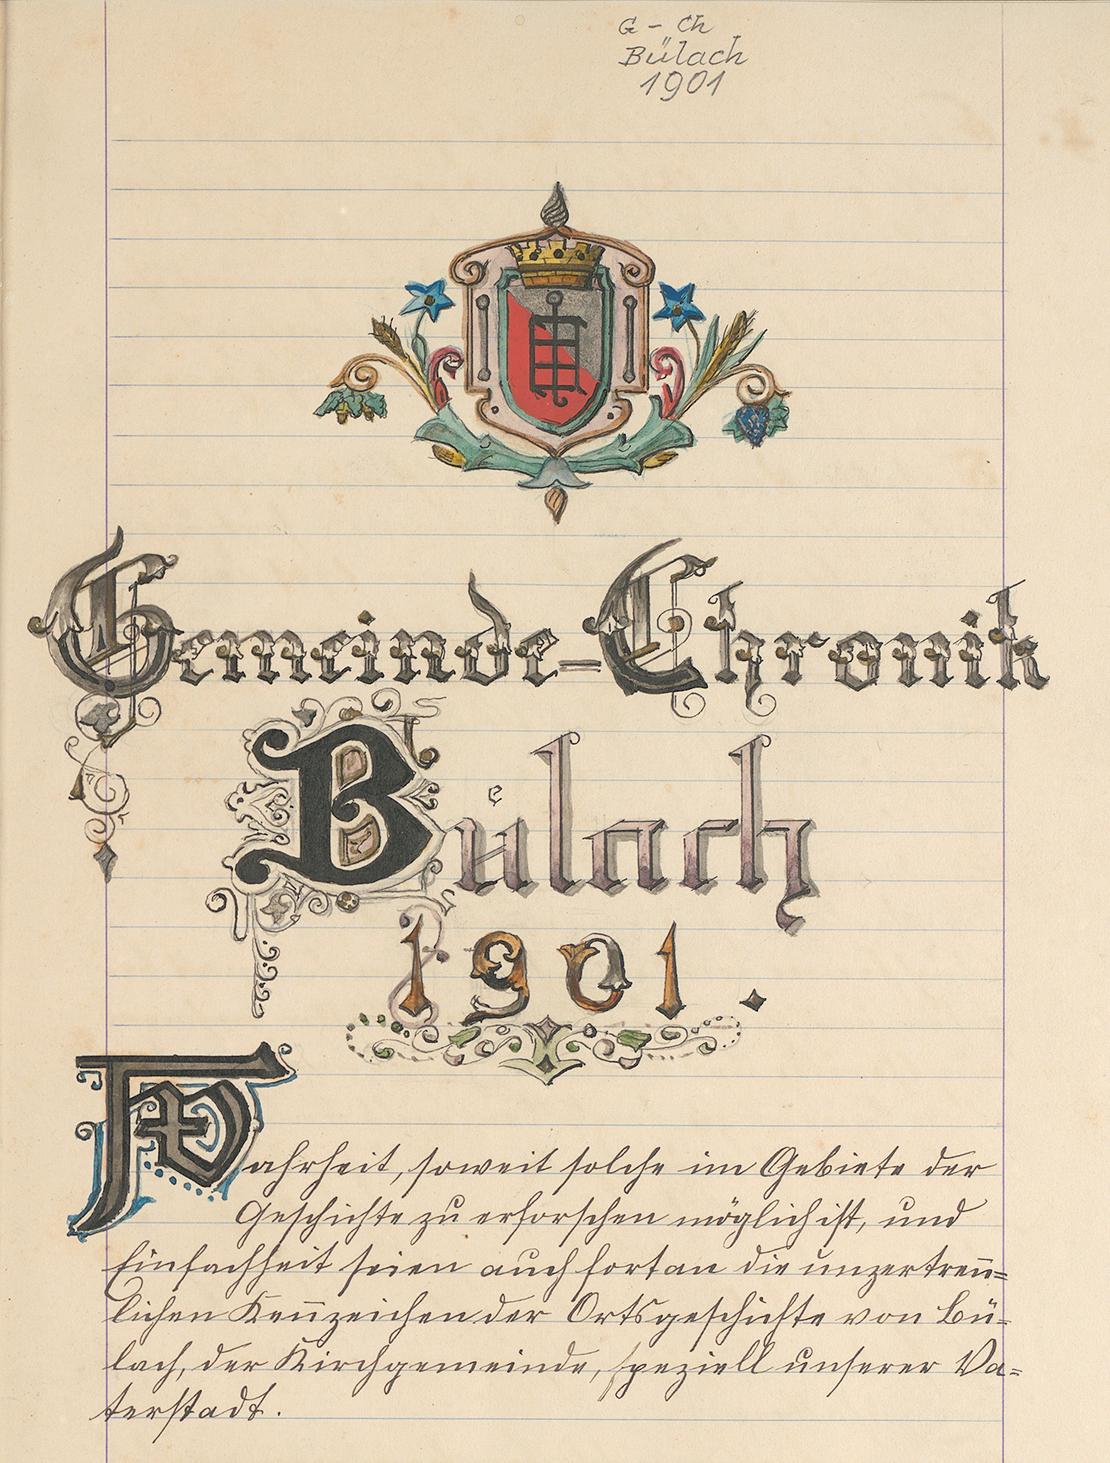 Titelblatt der Gemeindechronik Bülach für das Jahr 1901 mit altem (bis 1931) Gemeindewappen: Schräggeteilt von Silber und Rot mit silbernem Laurentiusrost